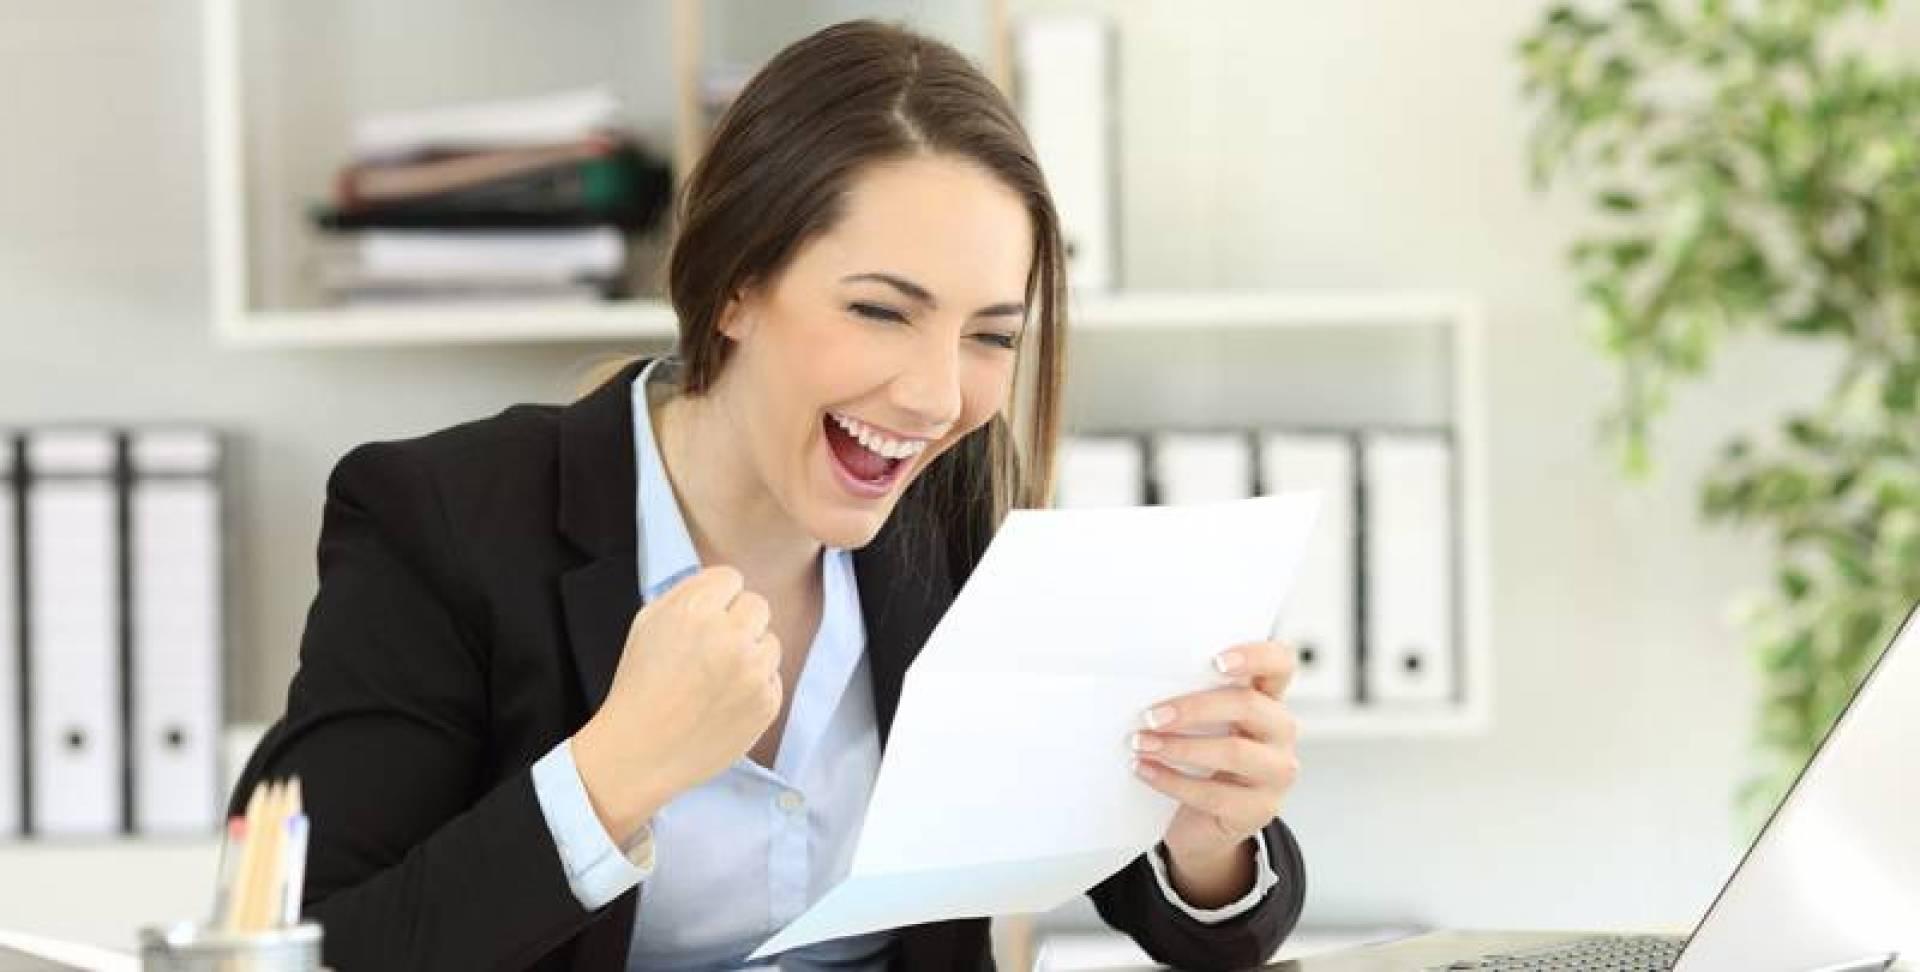 %67 من رائدات الأعمال يثقن بالحصول على تمويل